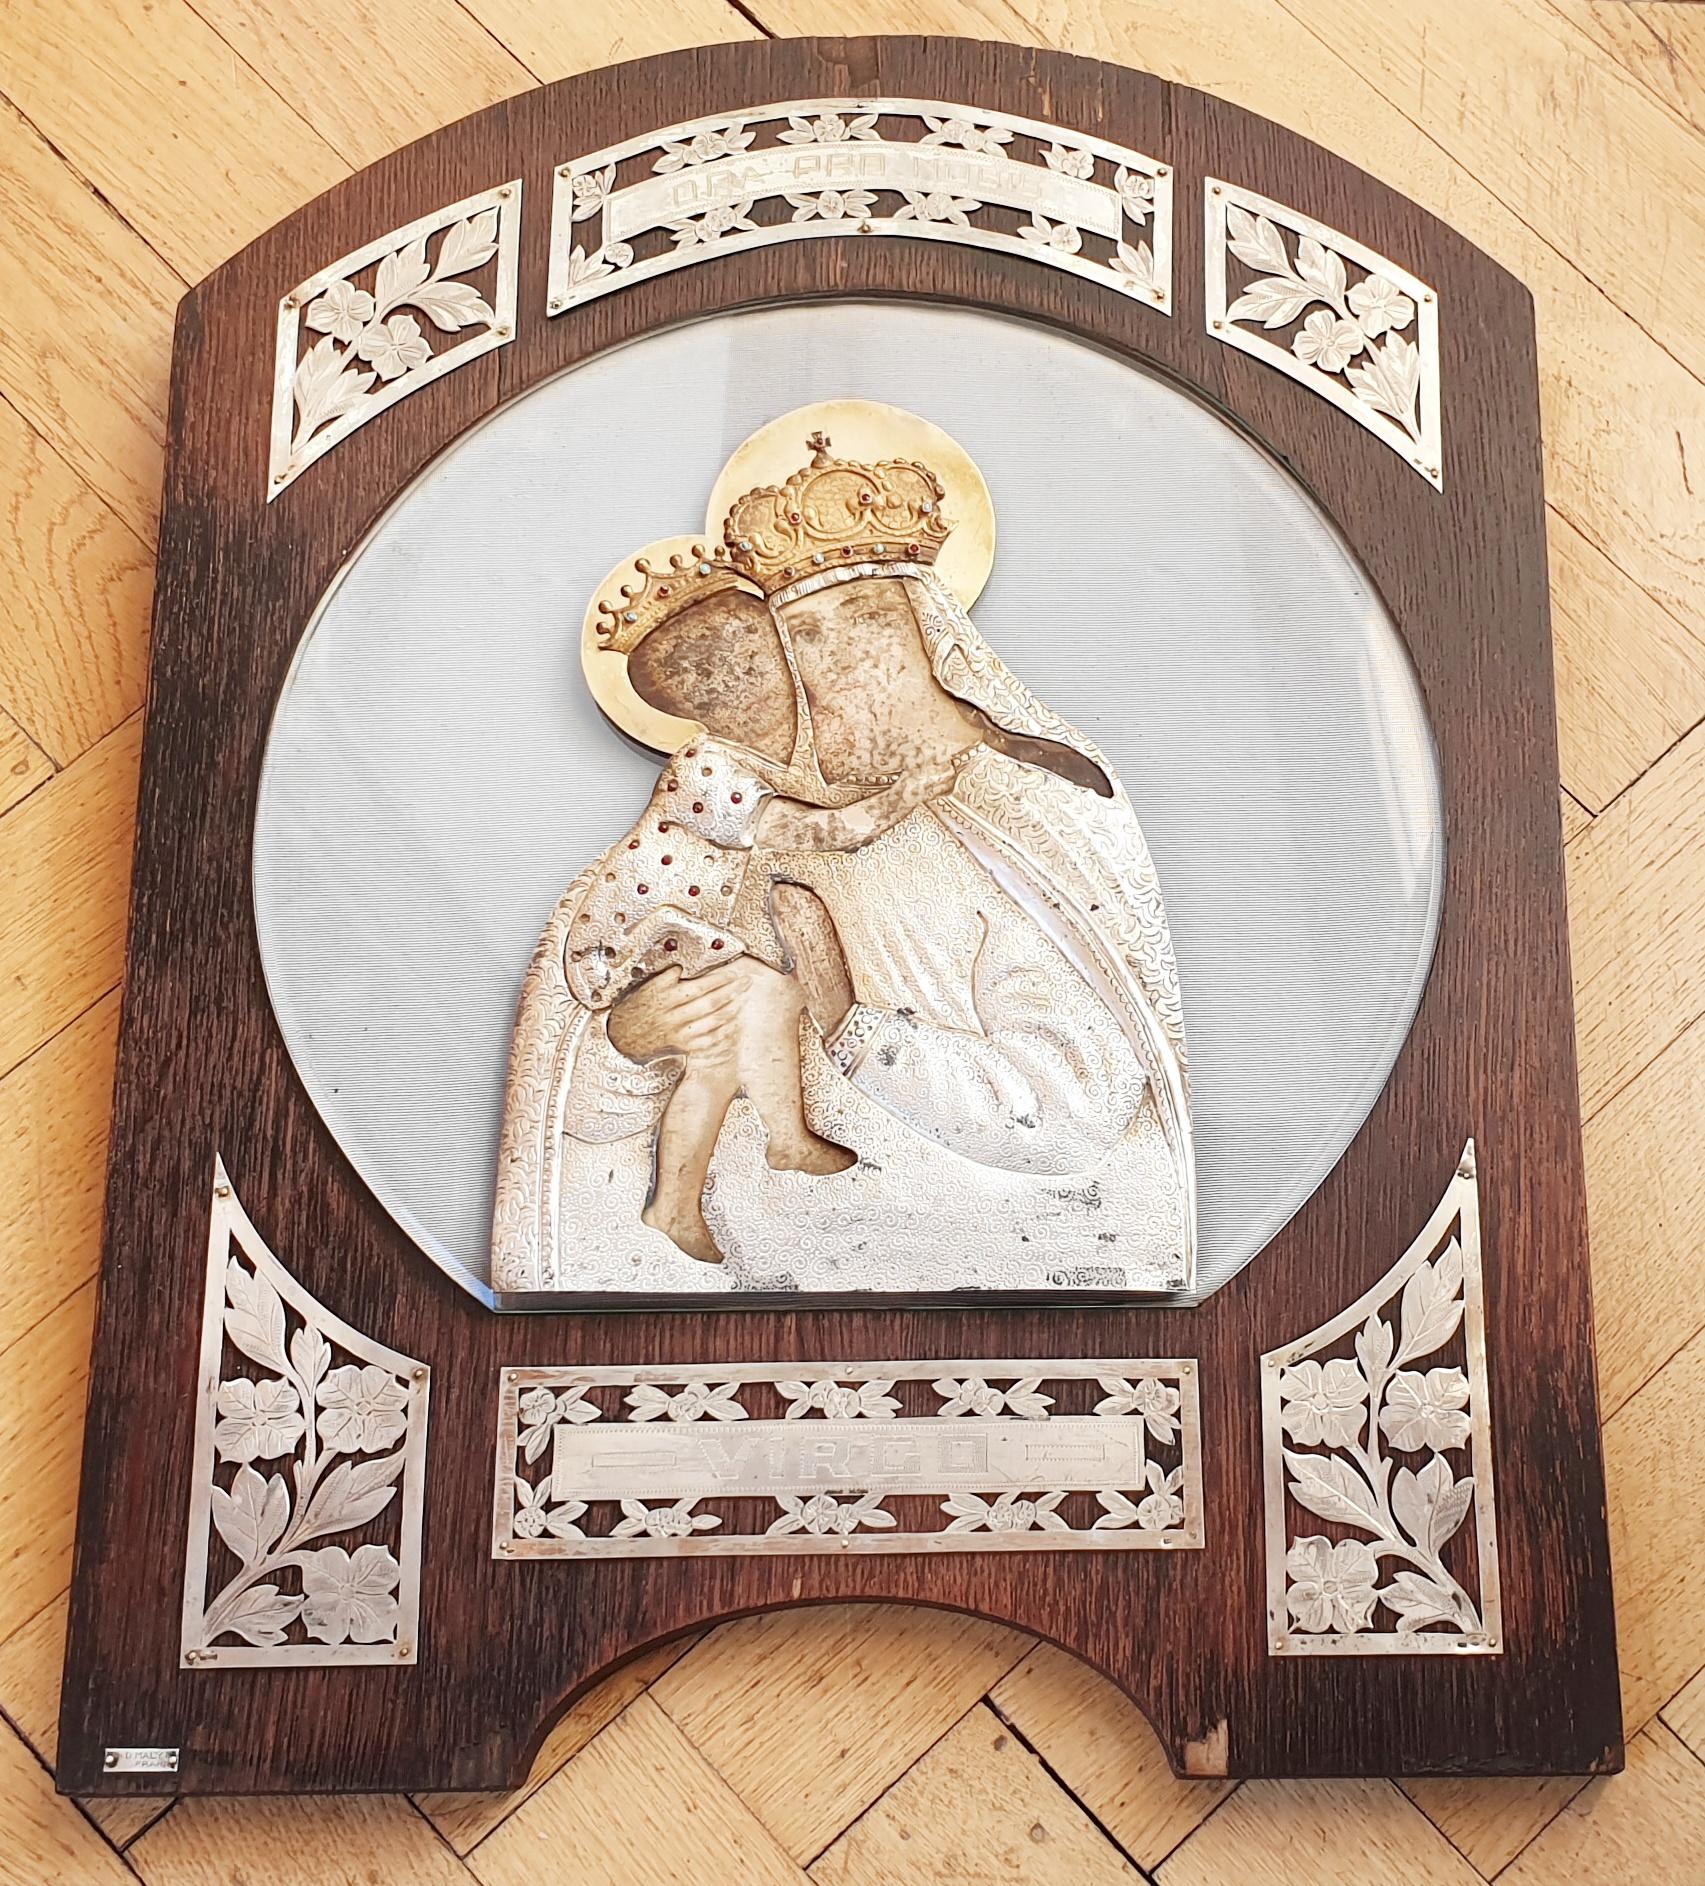 30. Domácí oltář z majetku rodiny Thurn Taxisů, Madona s Ježíškem, konec 19. století, stříbro, zlato, zlatník F&D Malý. Vyvolávací cena 30000,- Kč